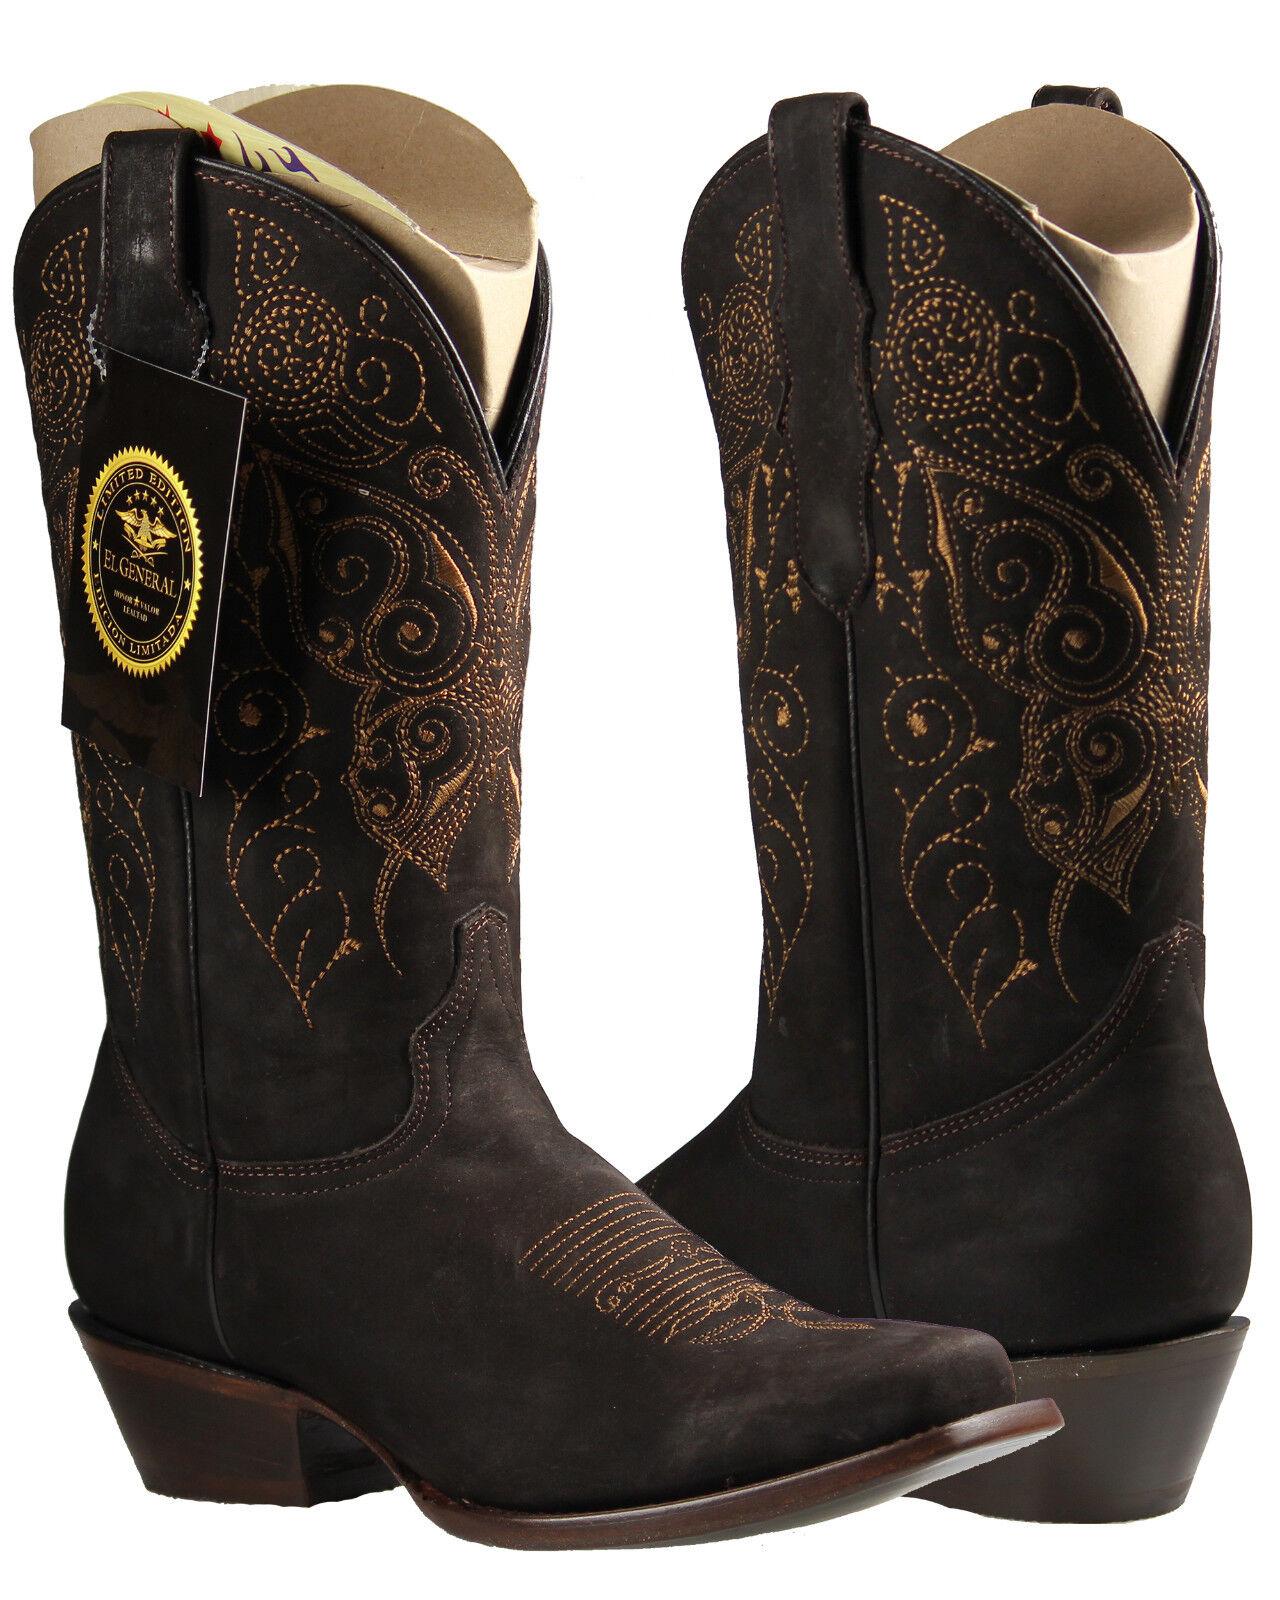 Donna Cowgirl Rodeo stivali  Limited Edition El General Nubuck Leather Marronee  spedizione gratuita!